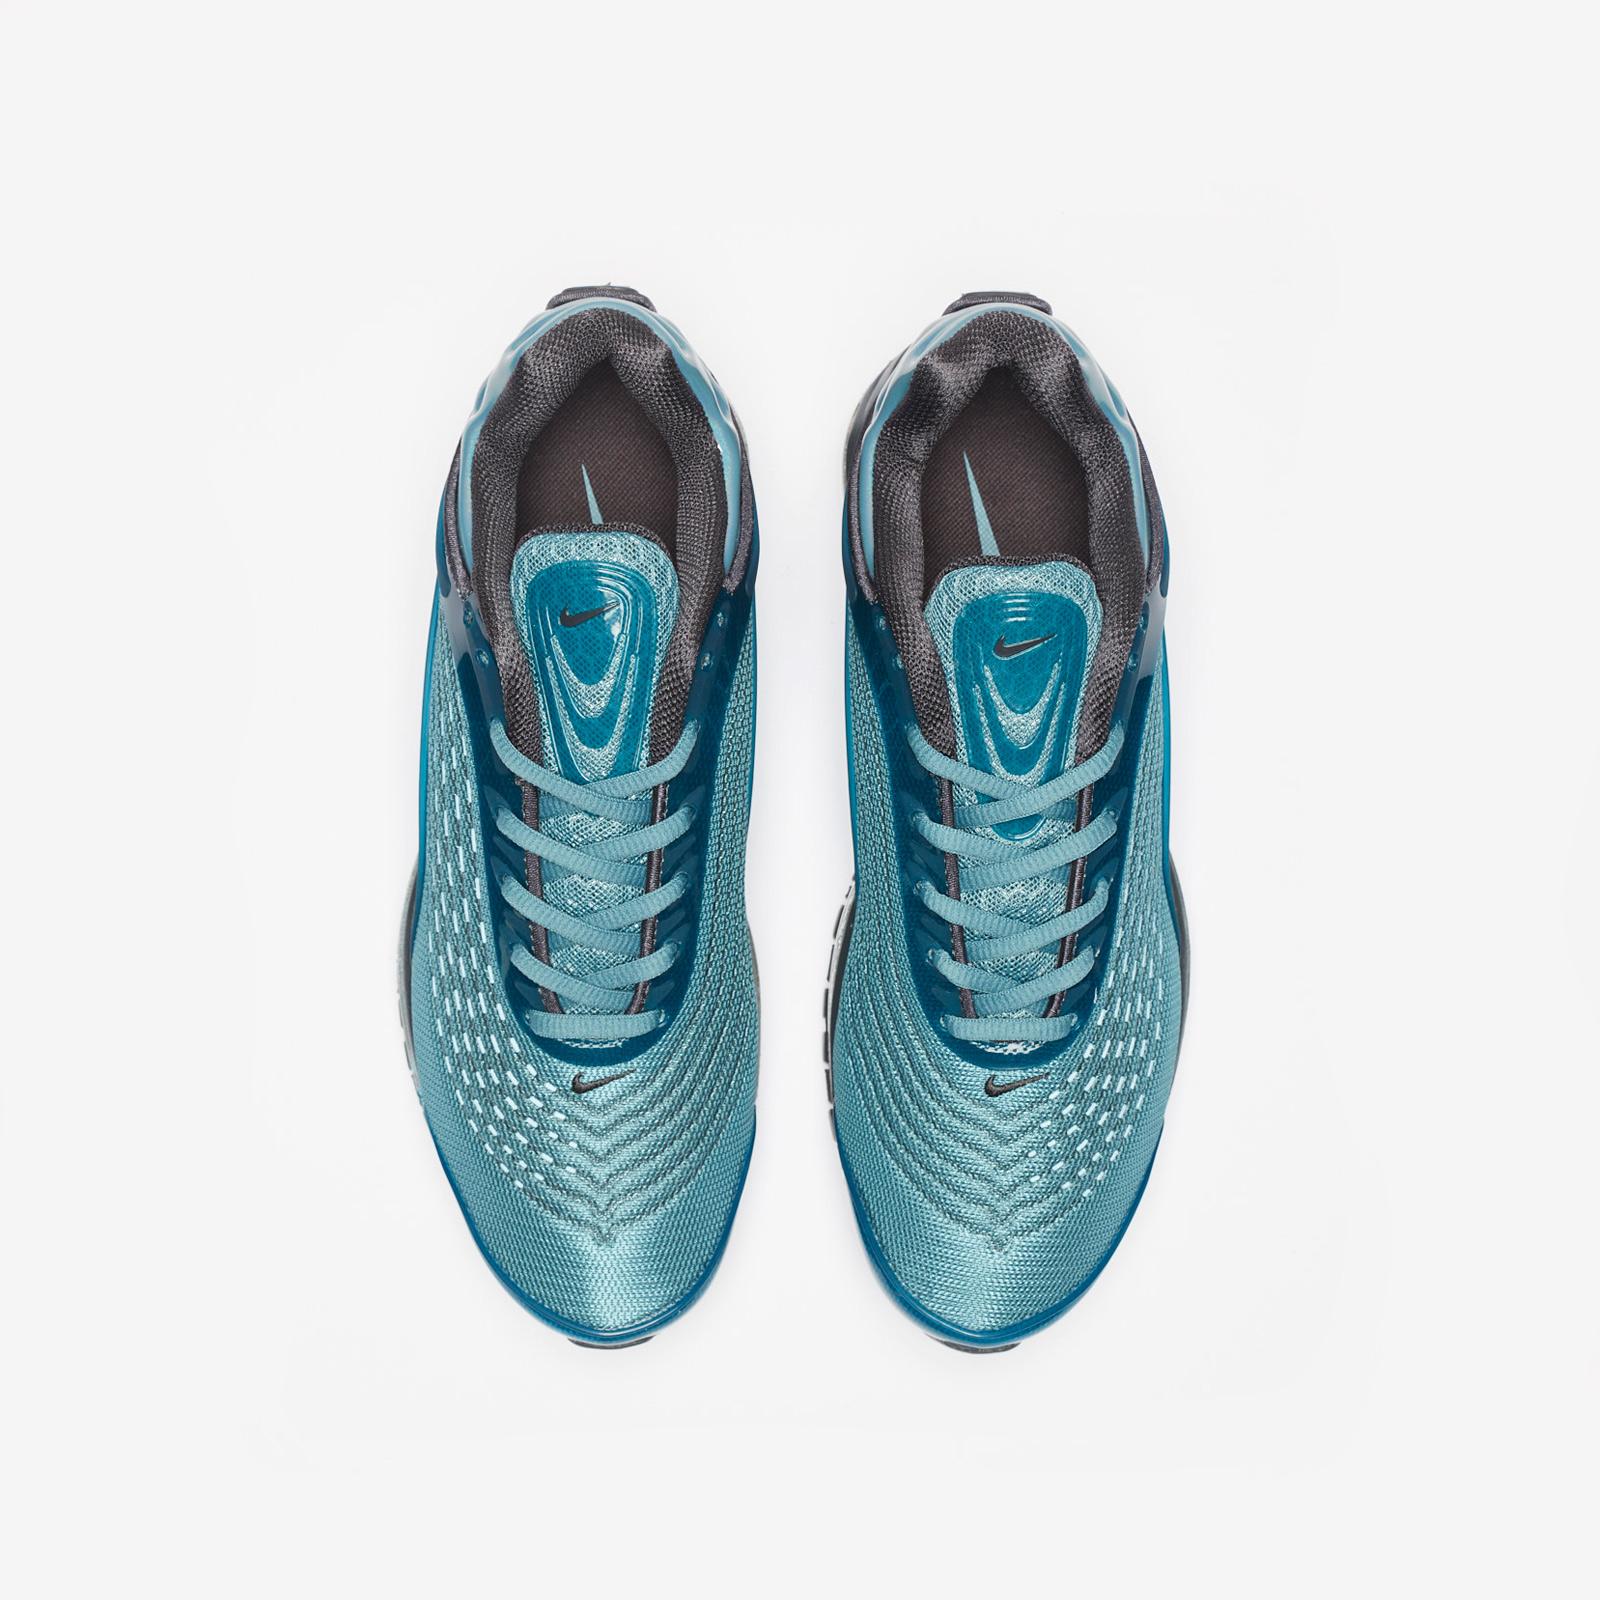 Nike Air Max Deluxe AV7024 400 Celestial TealAnthracite